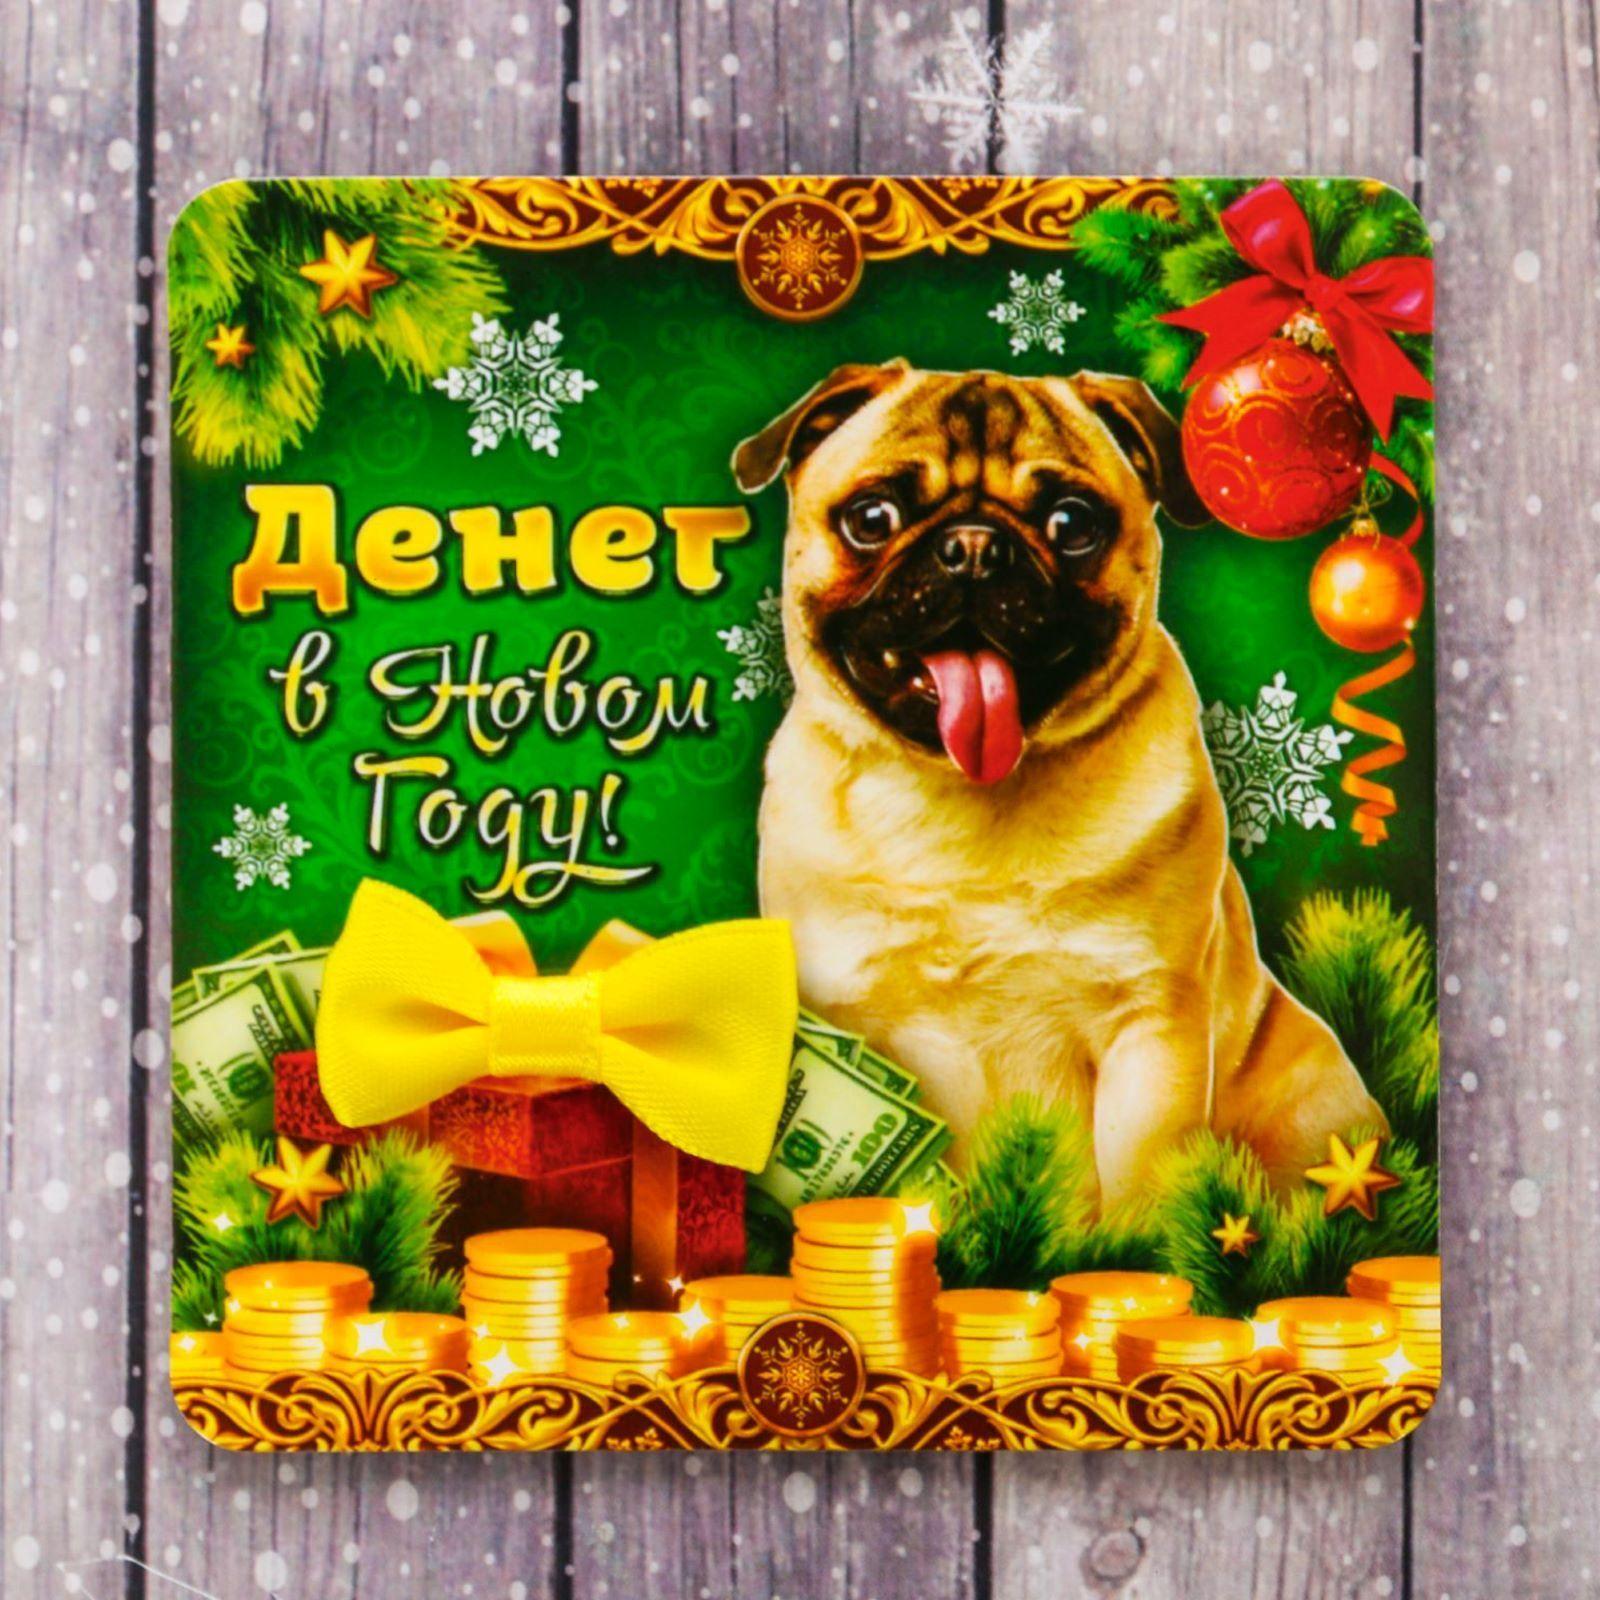 Магнит Sima-land Денег в Новом году, с бантиком, 8 х 8 см2196198Порадуйте родных и близких оригинальным сувениром: преподнесите в подарок магнит. С ним даже самый серьёзный человек почувствует себя ребёнком, ожидающим чудо! Создайте праздничное настроение, и оно останется с вами на весь год.